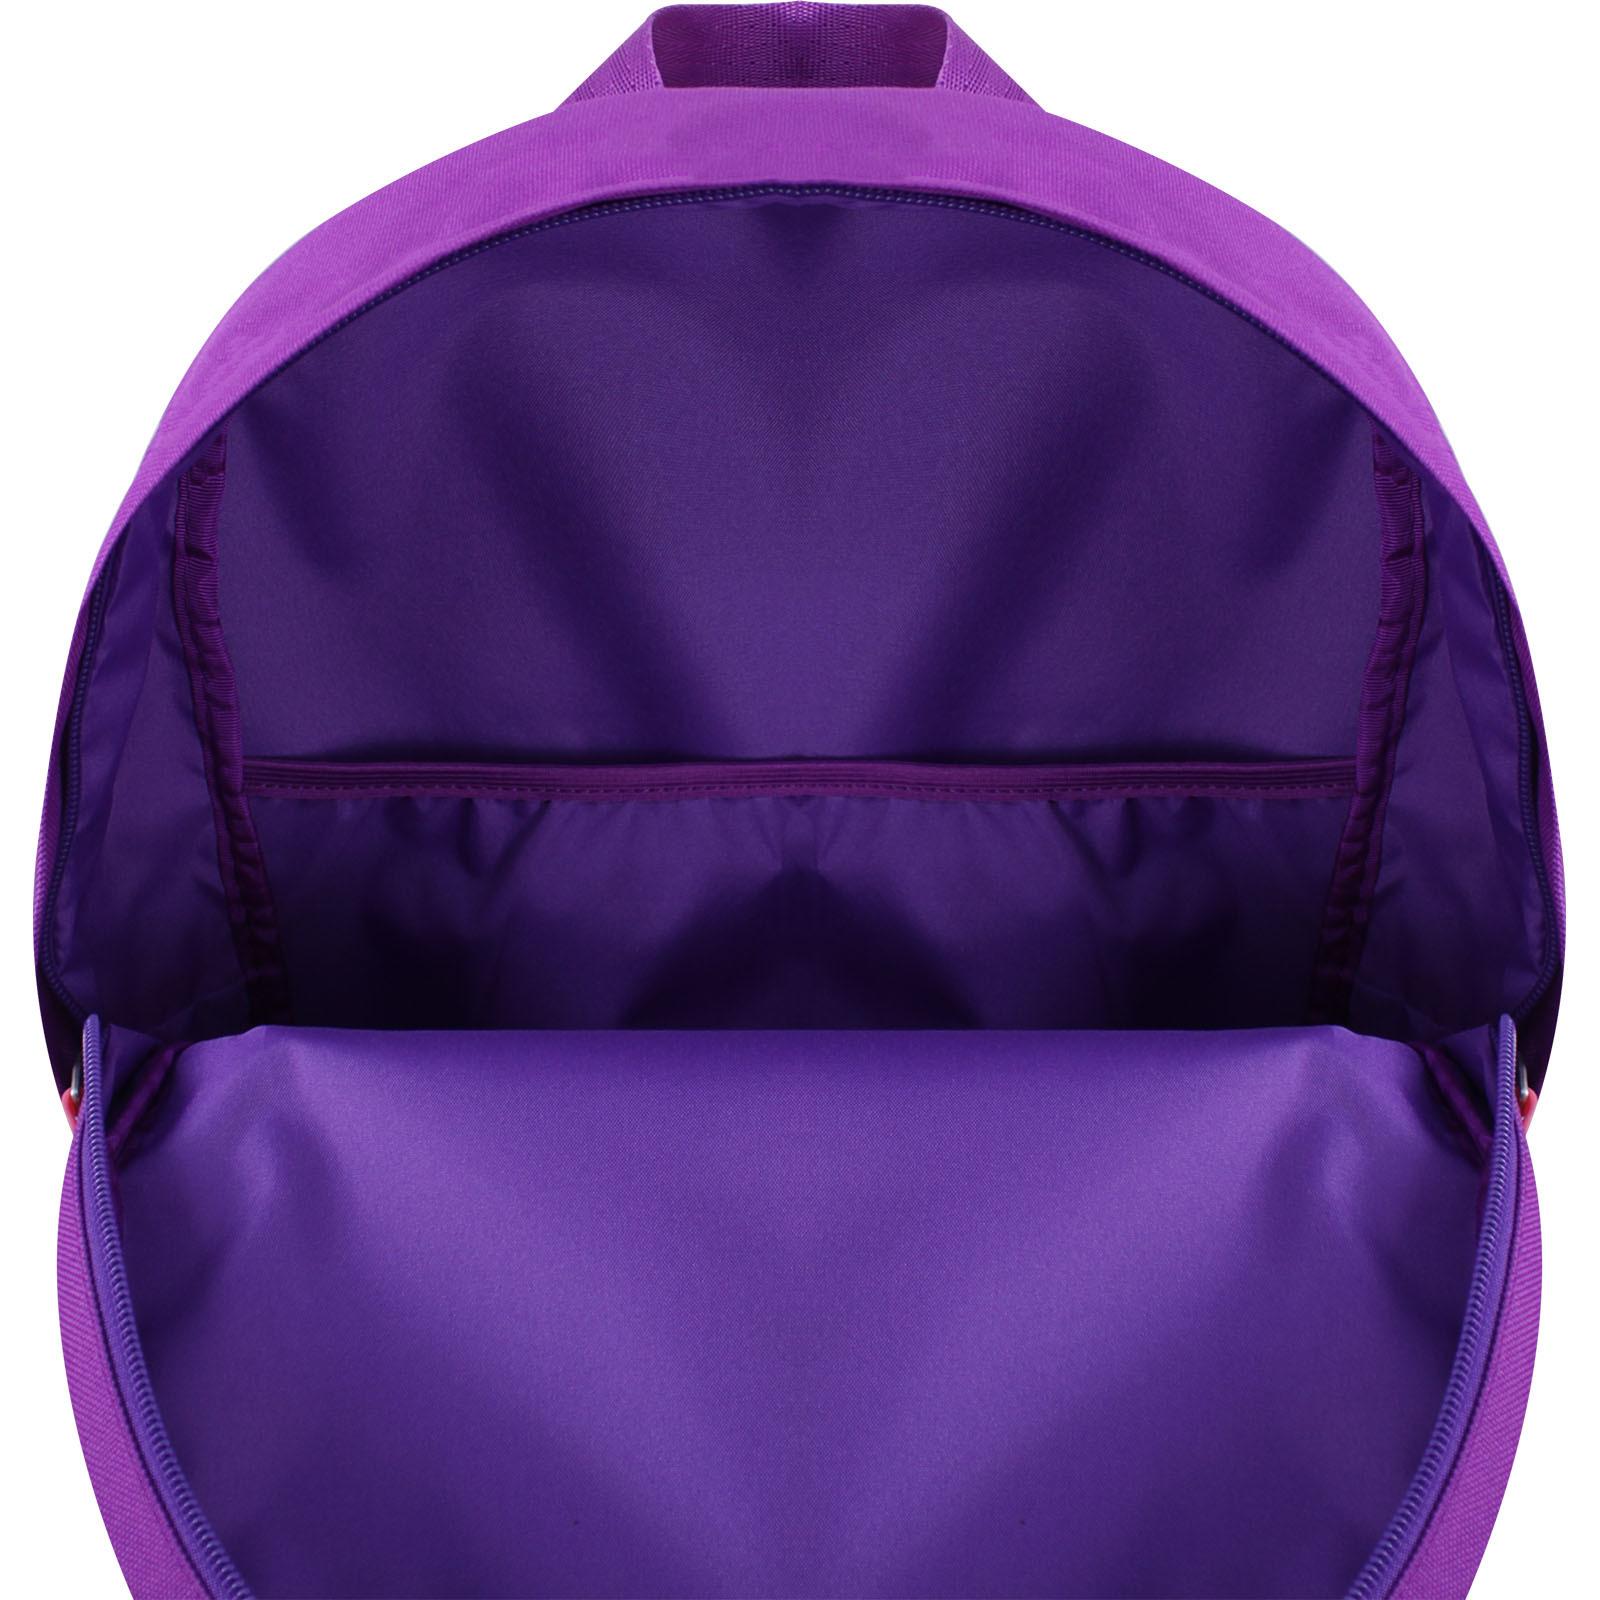 Рюкзак Bagland Молодежный W/R 17 л. 170 Фиолетовый 759 (00533662) фото 5